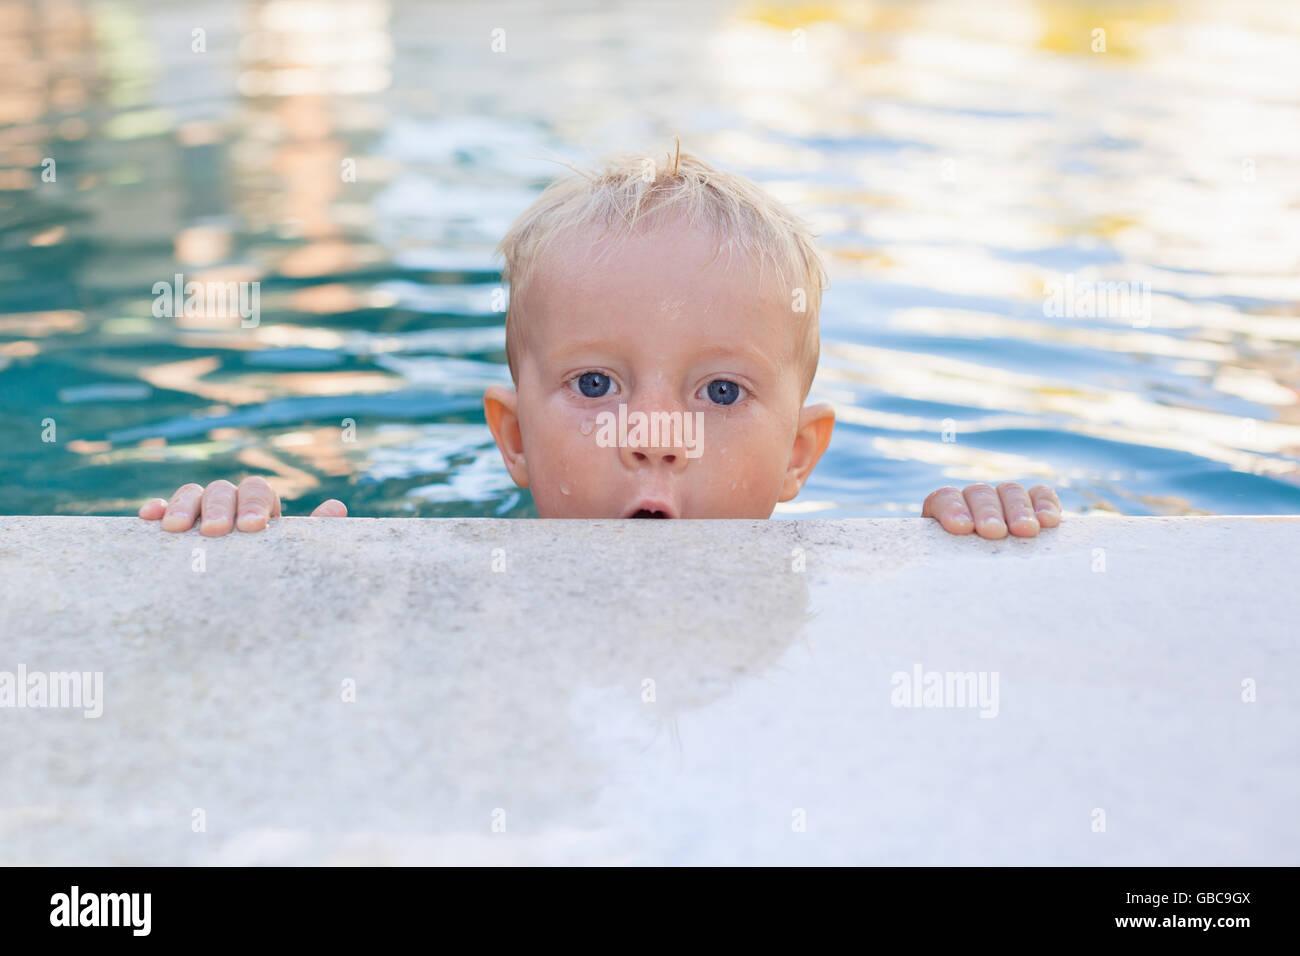 Apprendre à nager - drôle de visage de petit bébé garçon dans la piscine. Vie saine et active, de l'eau sport, l'activité physique. Banque D'Images